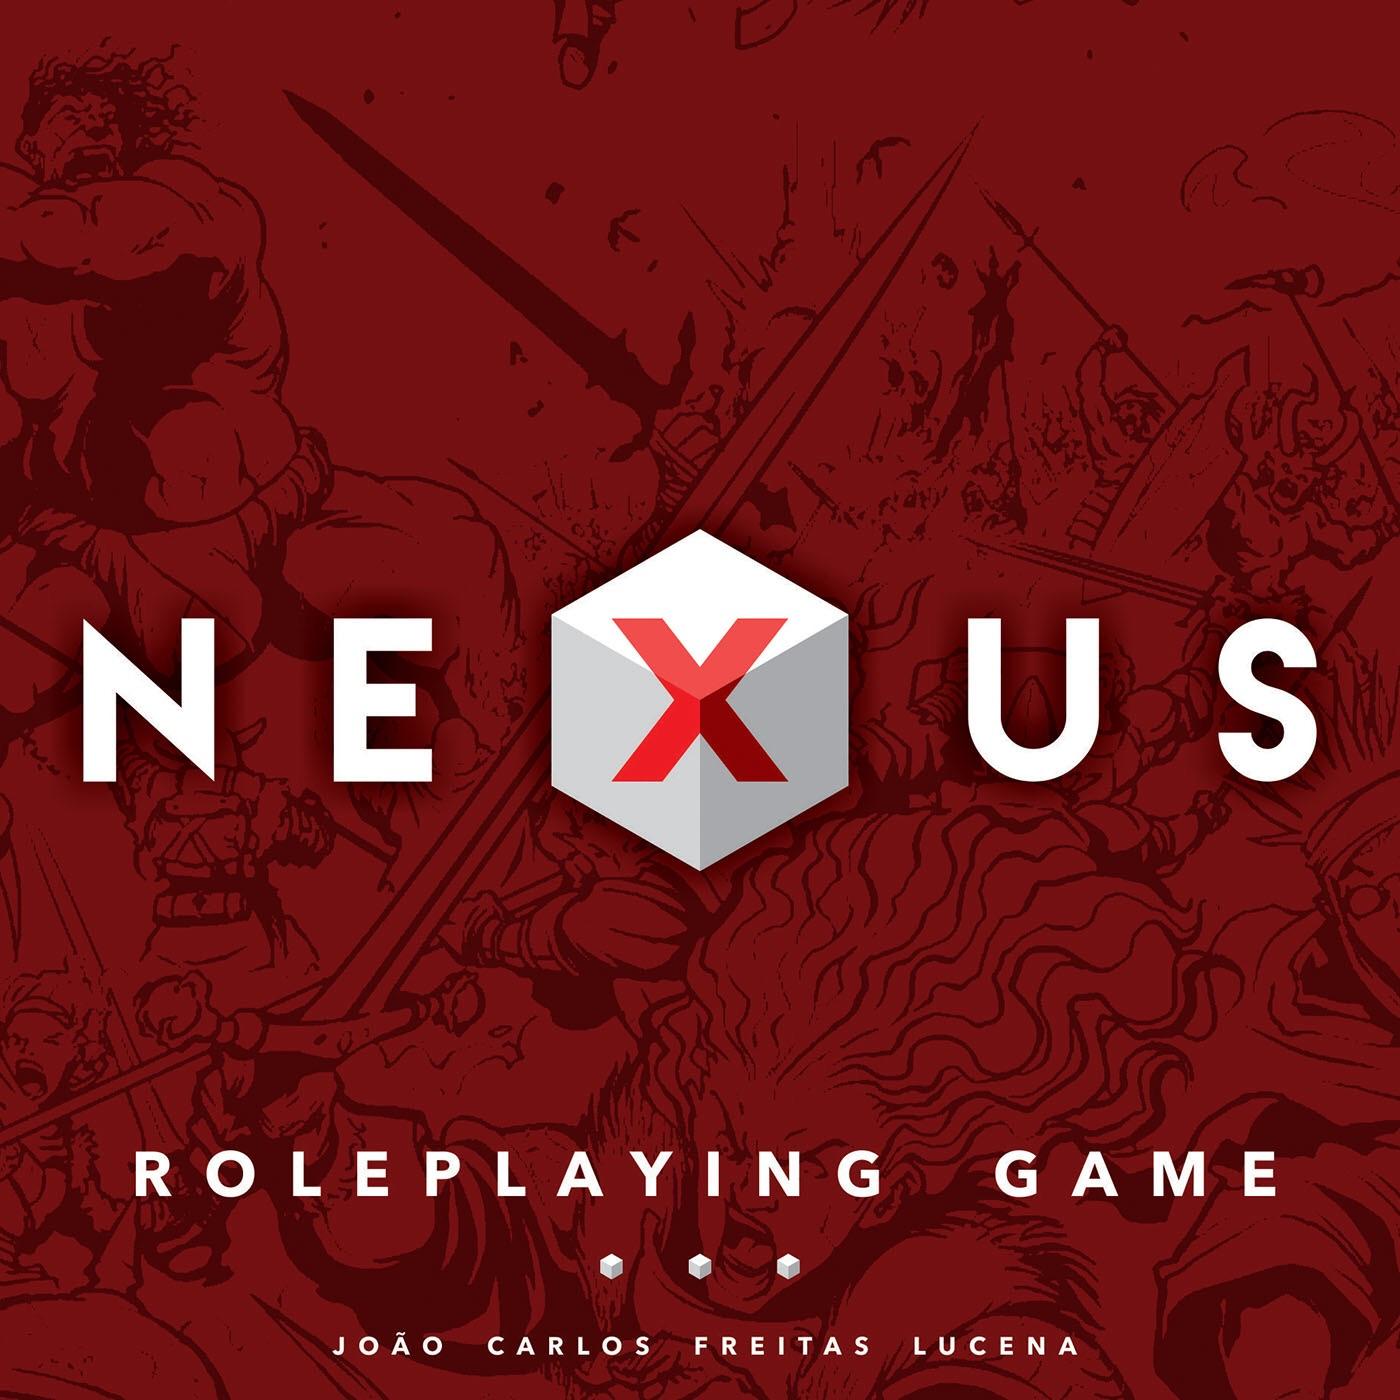 Iniciativa Nexus